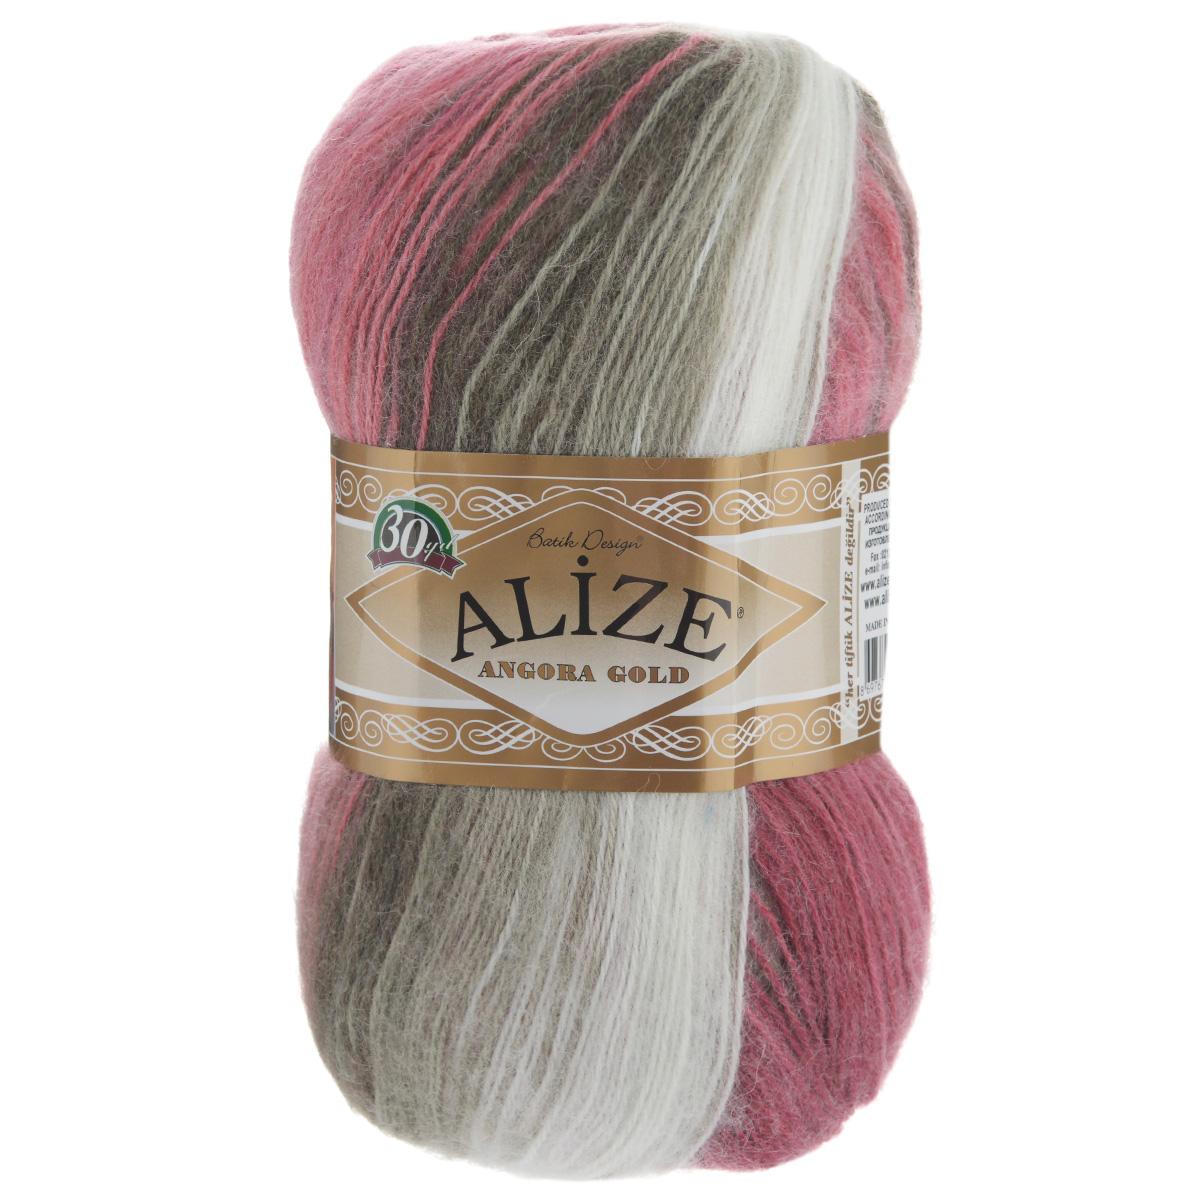 """Пряжа для вязания Alize """"Angora Gold Batik"""", цвет: белый, вишневый, коричневый (1984), 550 м, 100 г, 5 шт"""